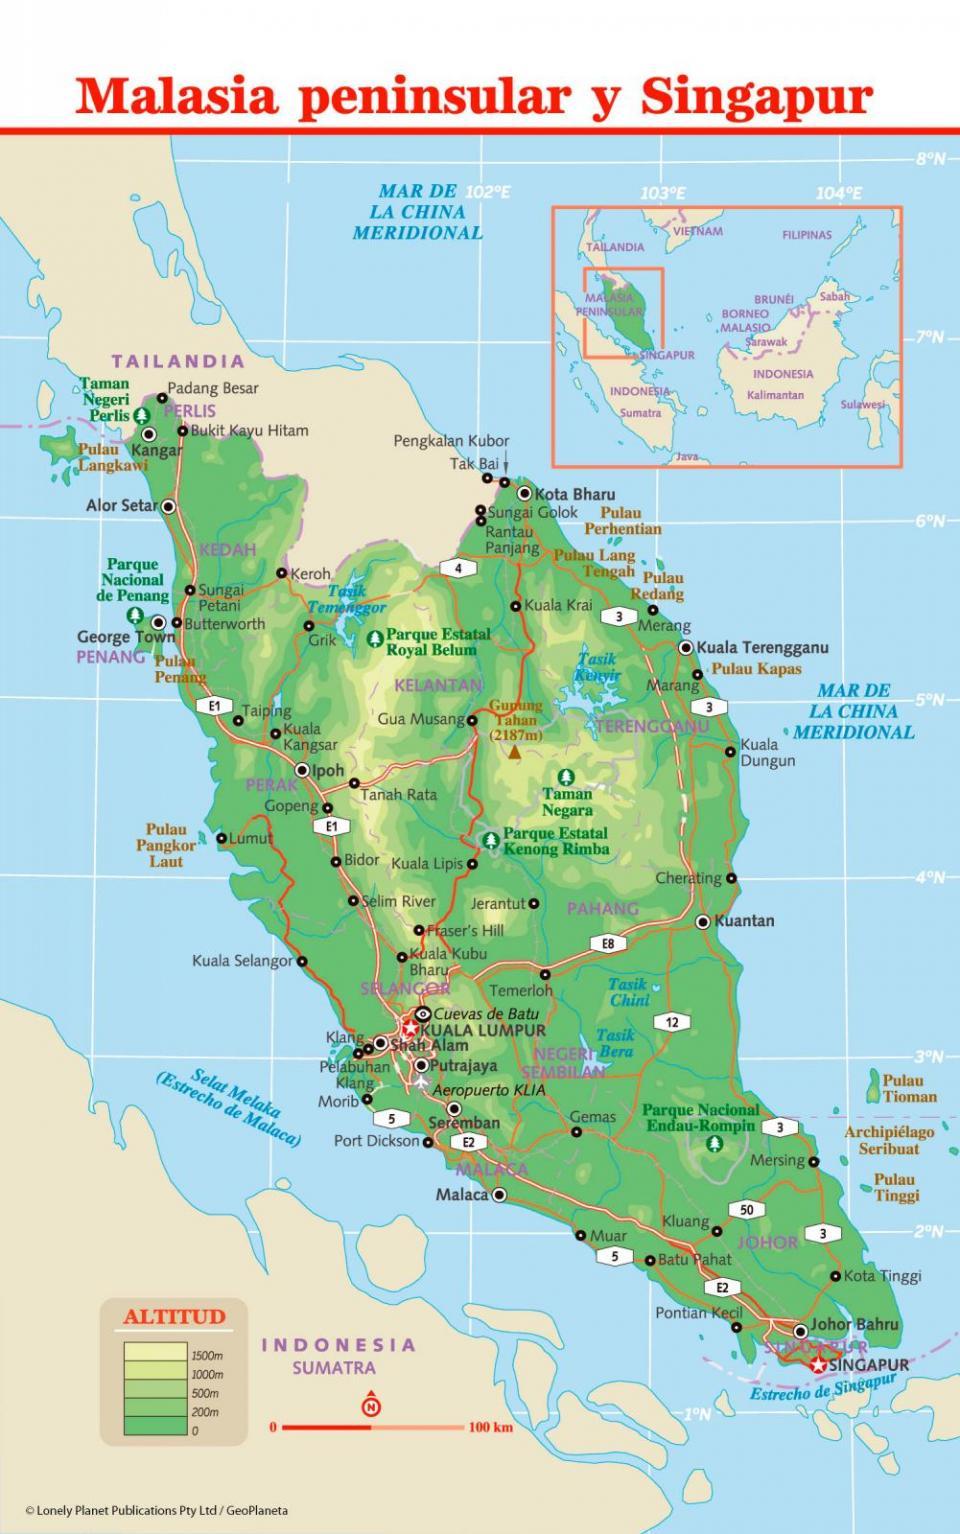 Mapa de Malasia para preparar tu viaje a Malasia de la forma más sencilla.